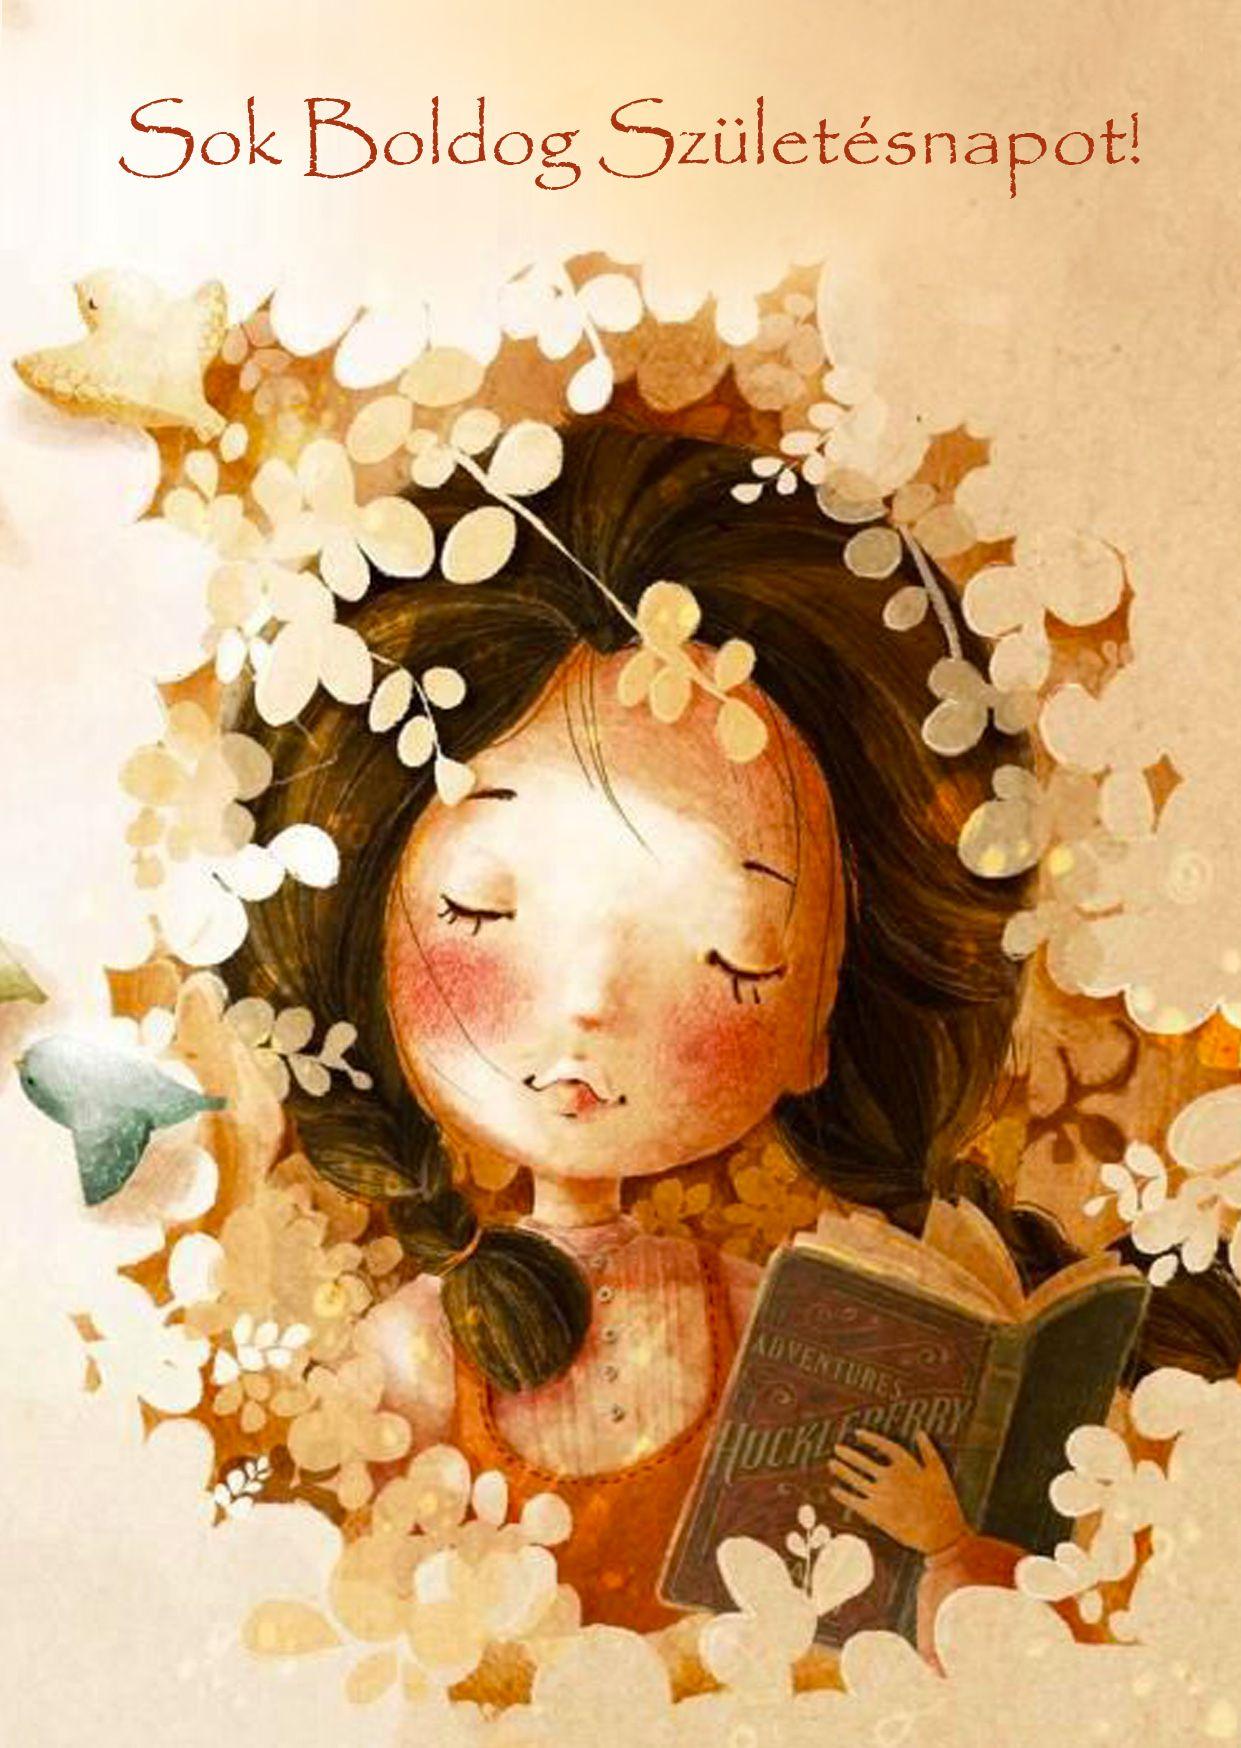 boldog születésnapot képek lányoknak Sok Boldog Születésnapot!   .leplap.hu | Képeslapok | Pinterest boldog születésnapot képek lányoknak